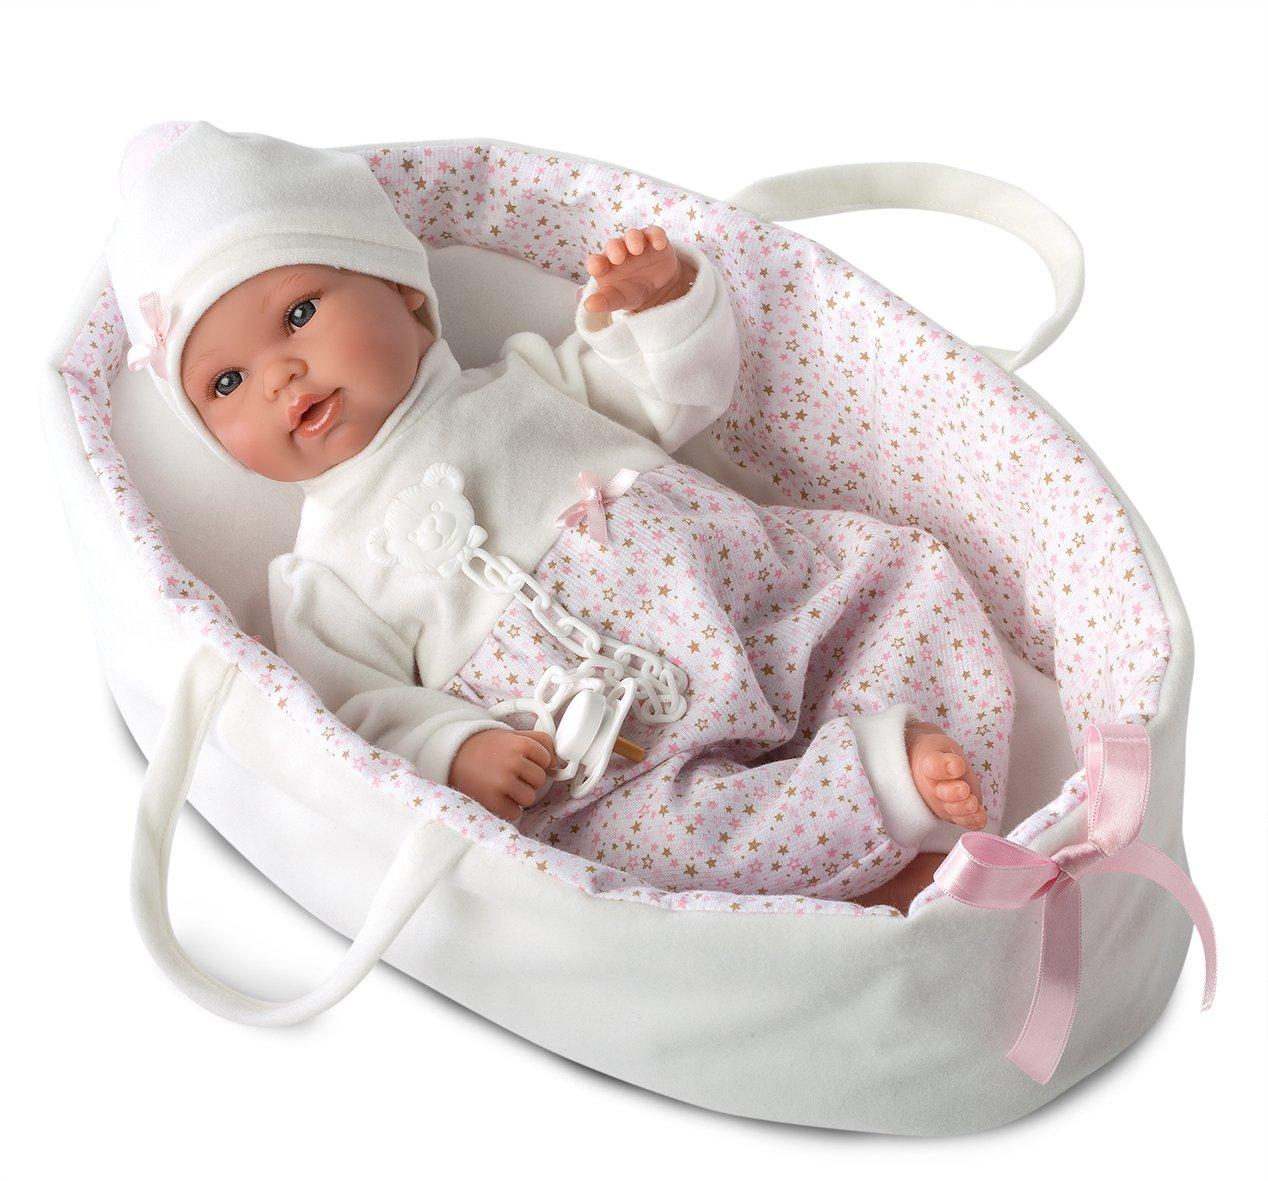 salida para la venta Llorens 63628 63628 63628 Bebita Newborn 36 cm Doll  solo cómpralo